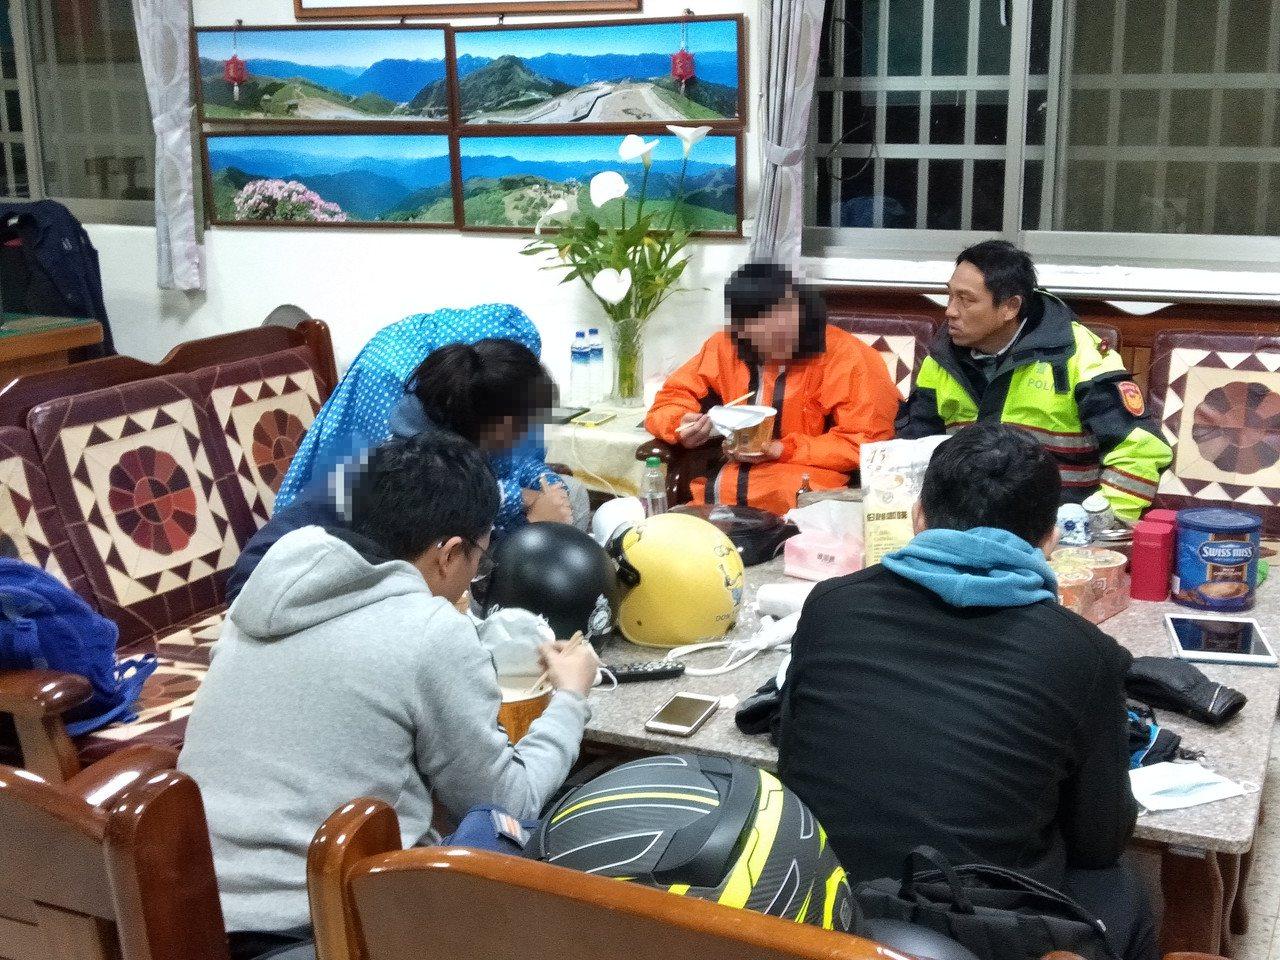 5名大學生防寒裝備不足,警方趕緊沖泡薑茶咖啡幫助身體回暖。圖/新城警分局提供